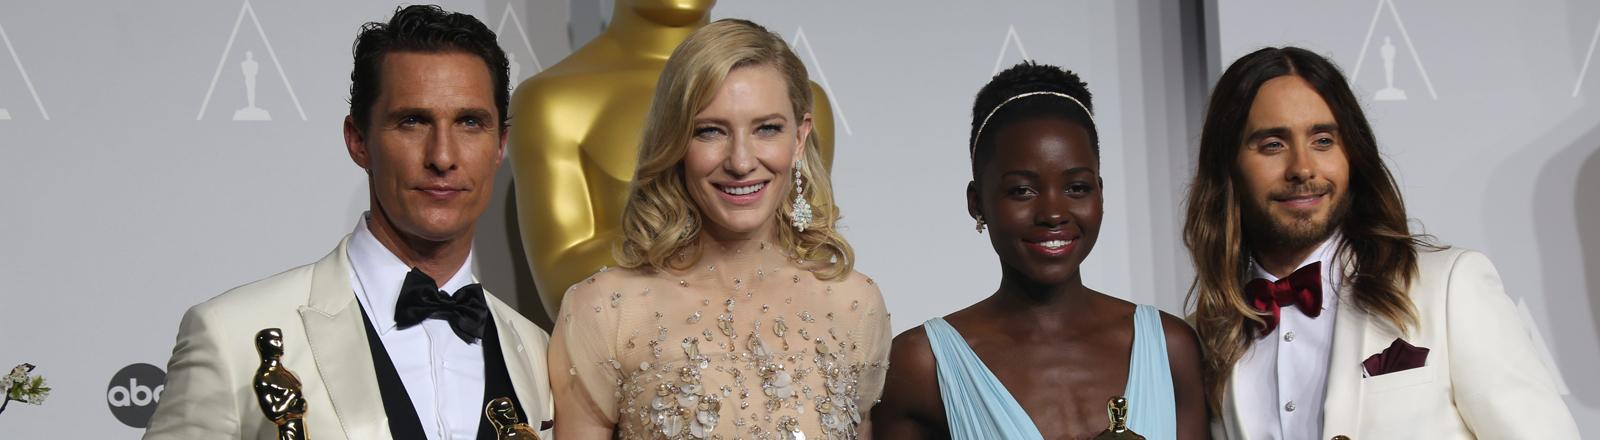 Matthew McConaughey (l-r), Cate Blanchett, Lupita Nyong'o und Jared Leto posieren mit ihren Oscars.